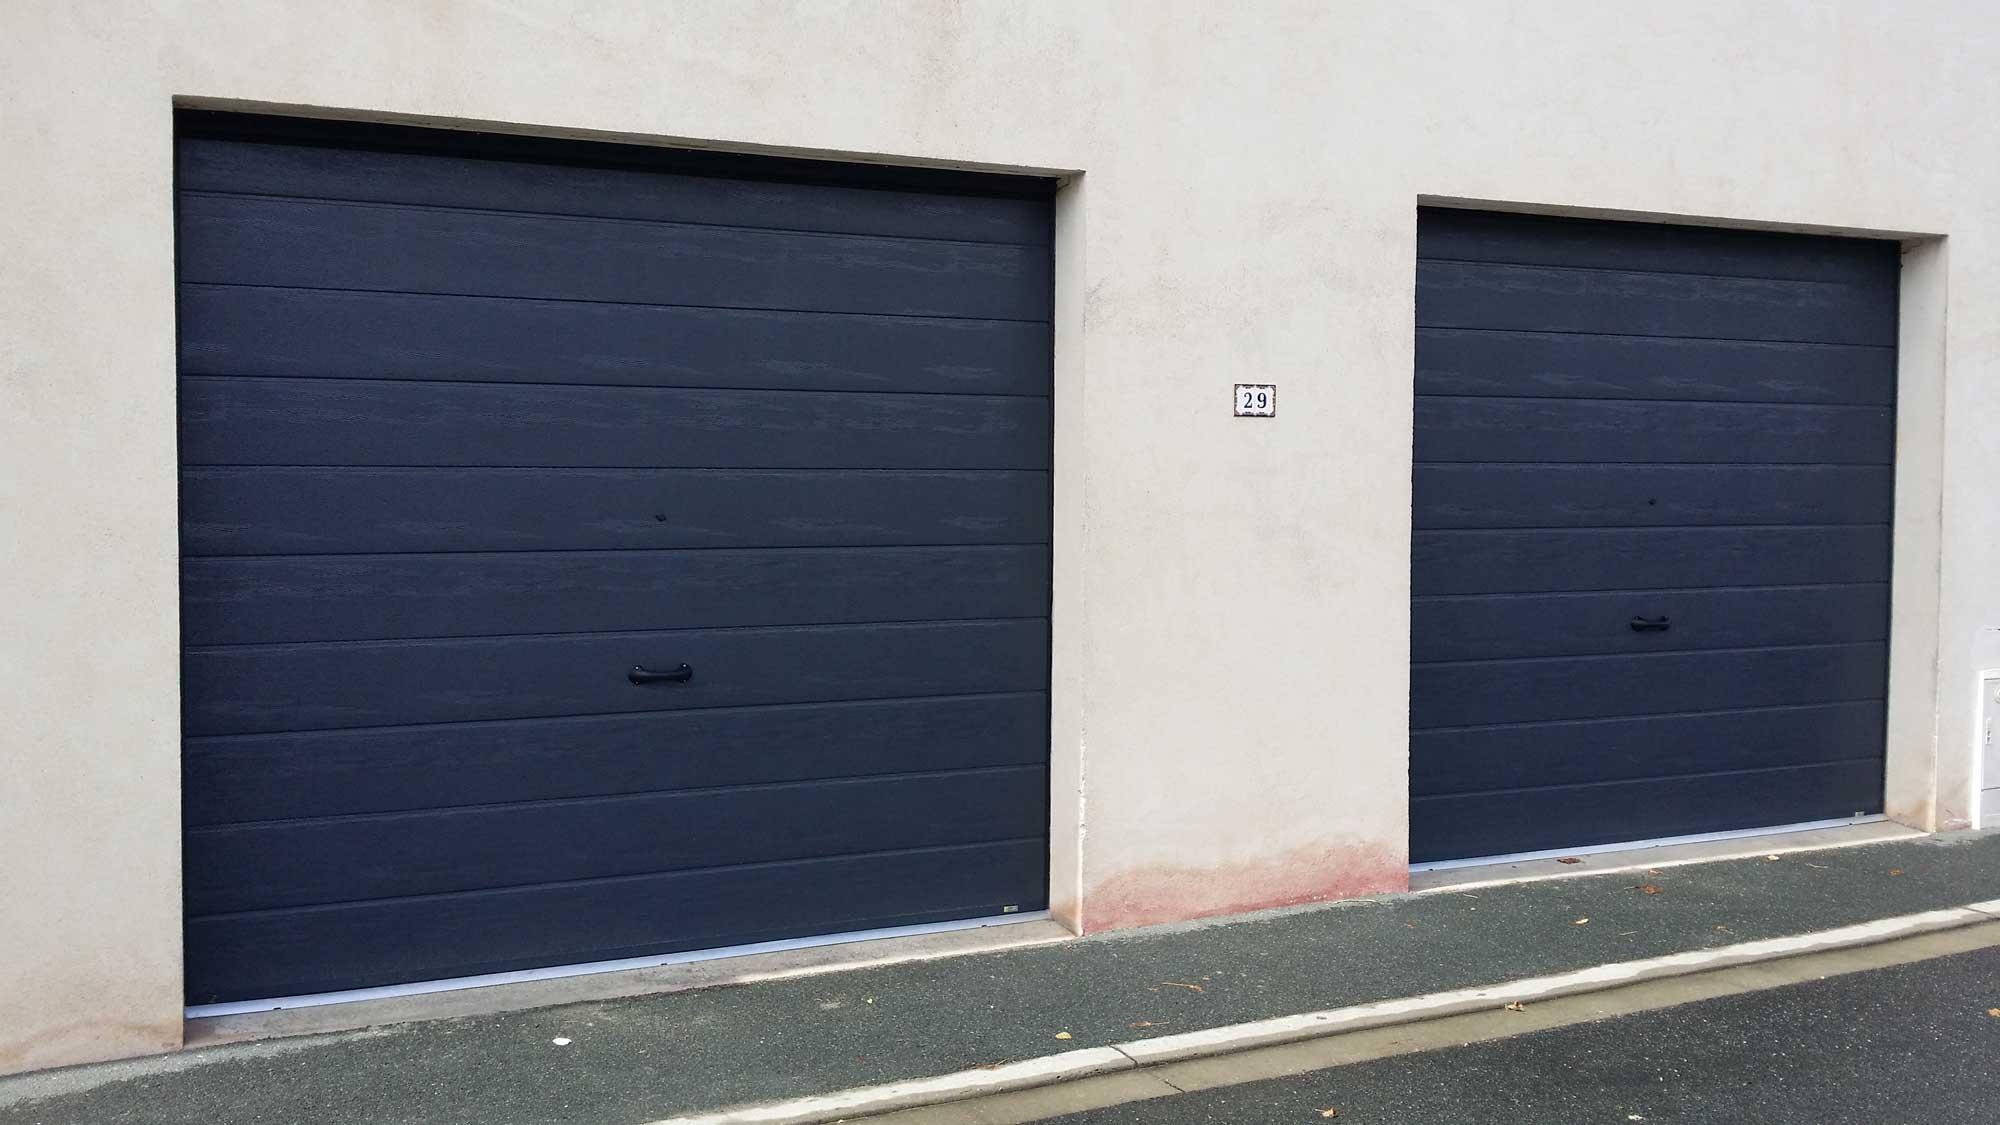 pose de portes de garage sectionnelle 7016 sur mesure par solabaie rochefort. Black Bedroom Furniture Sets. Home Design Ideas